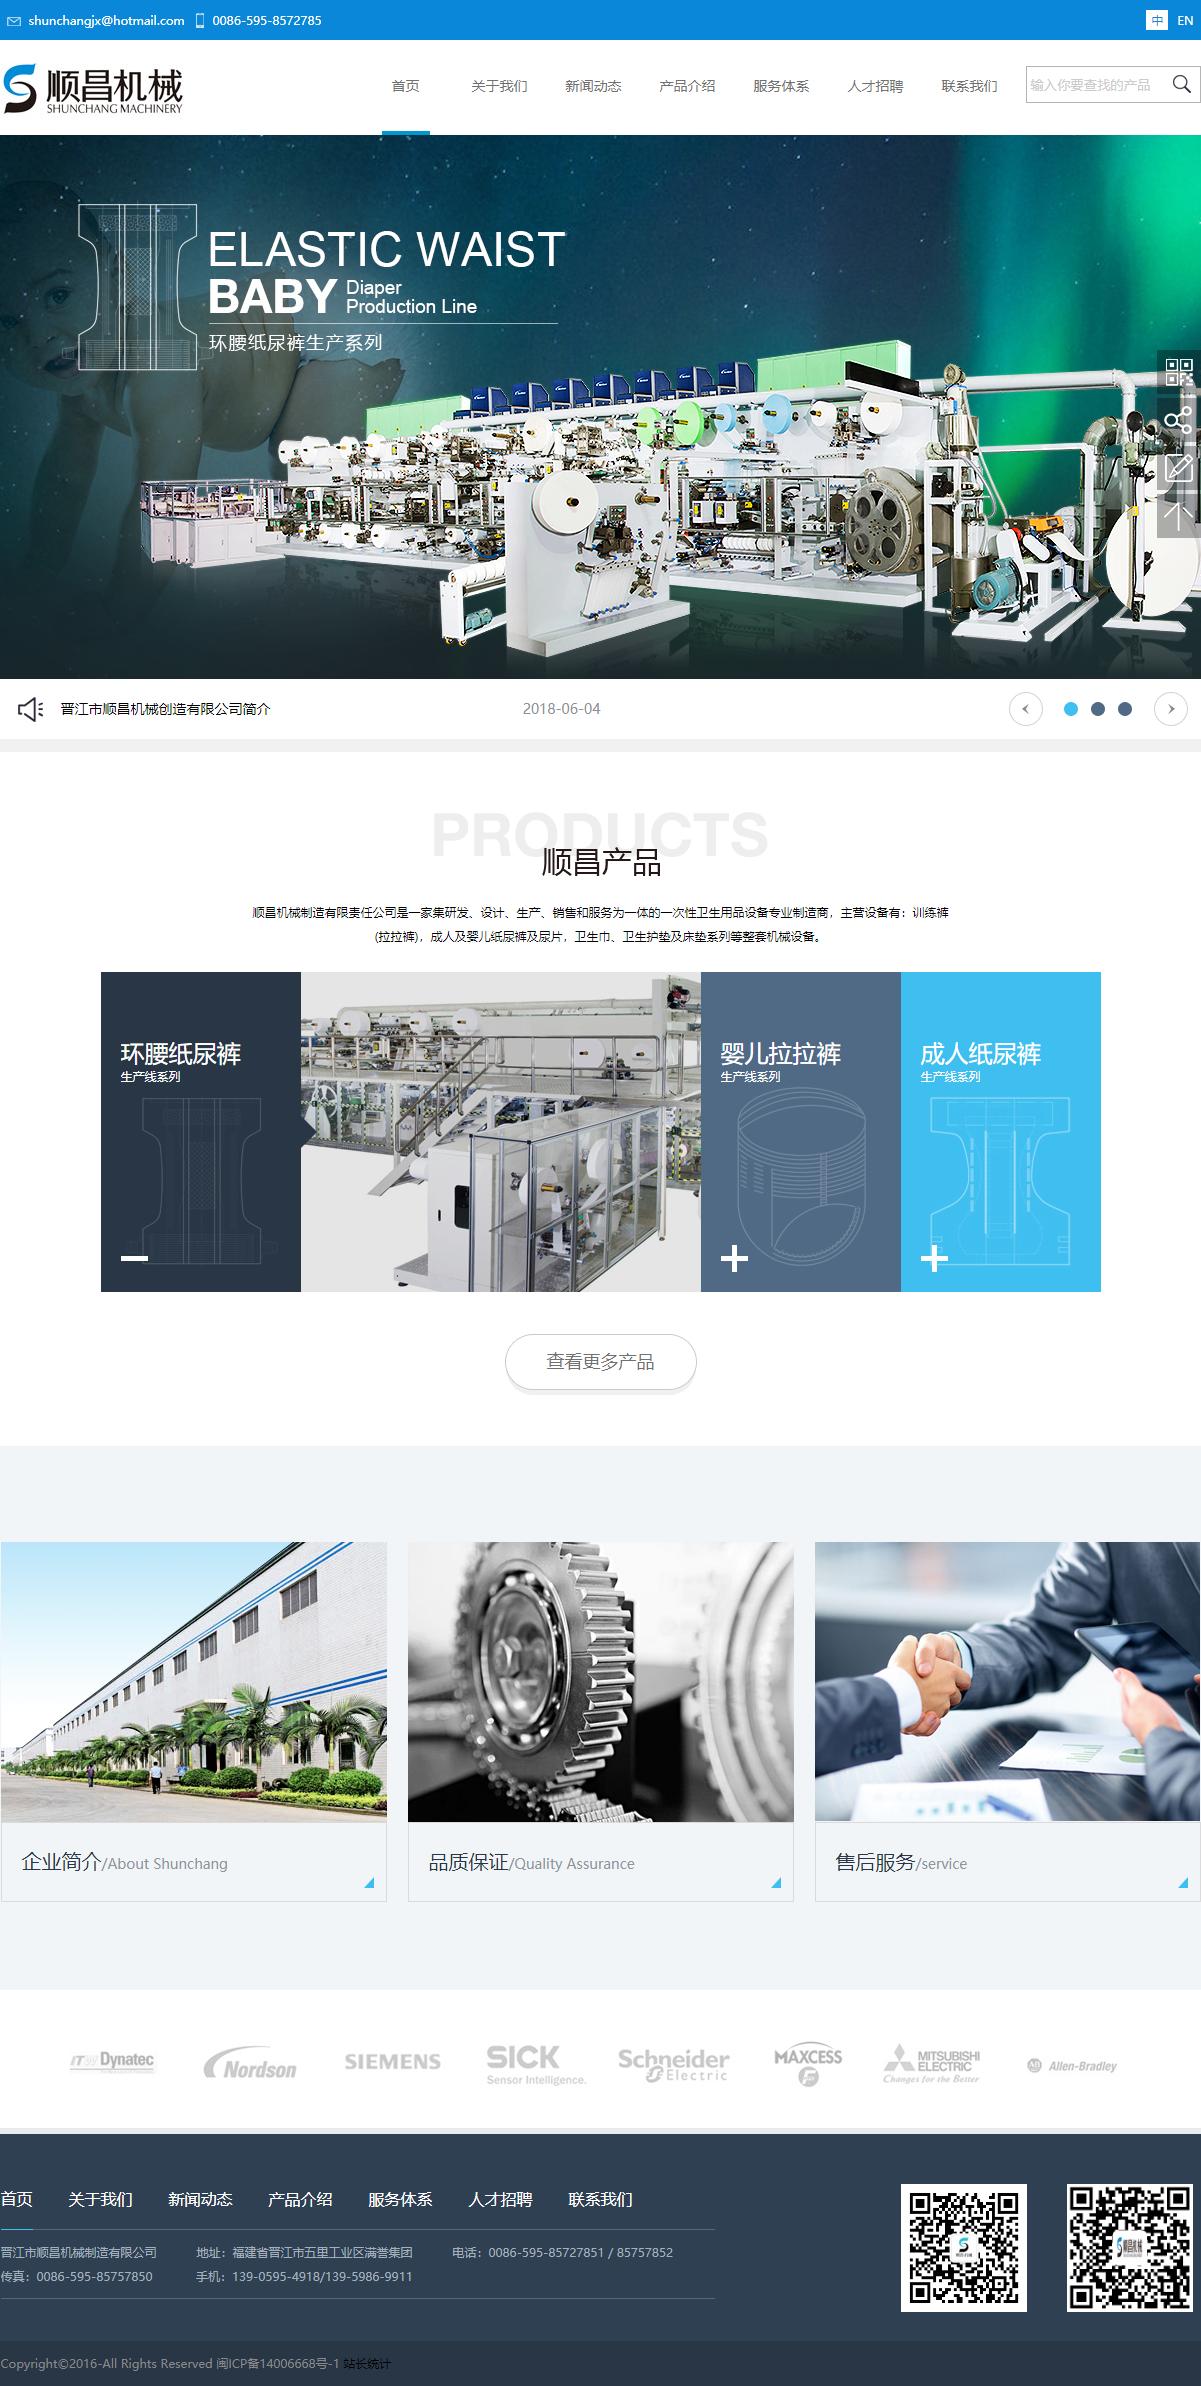 晋江市顺昌机械制造有限公司网站案例